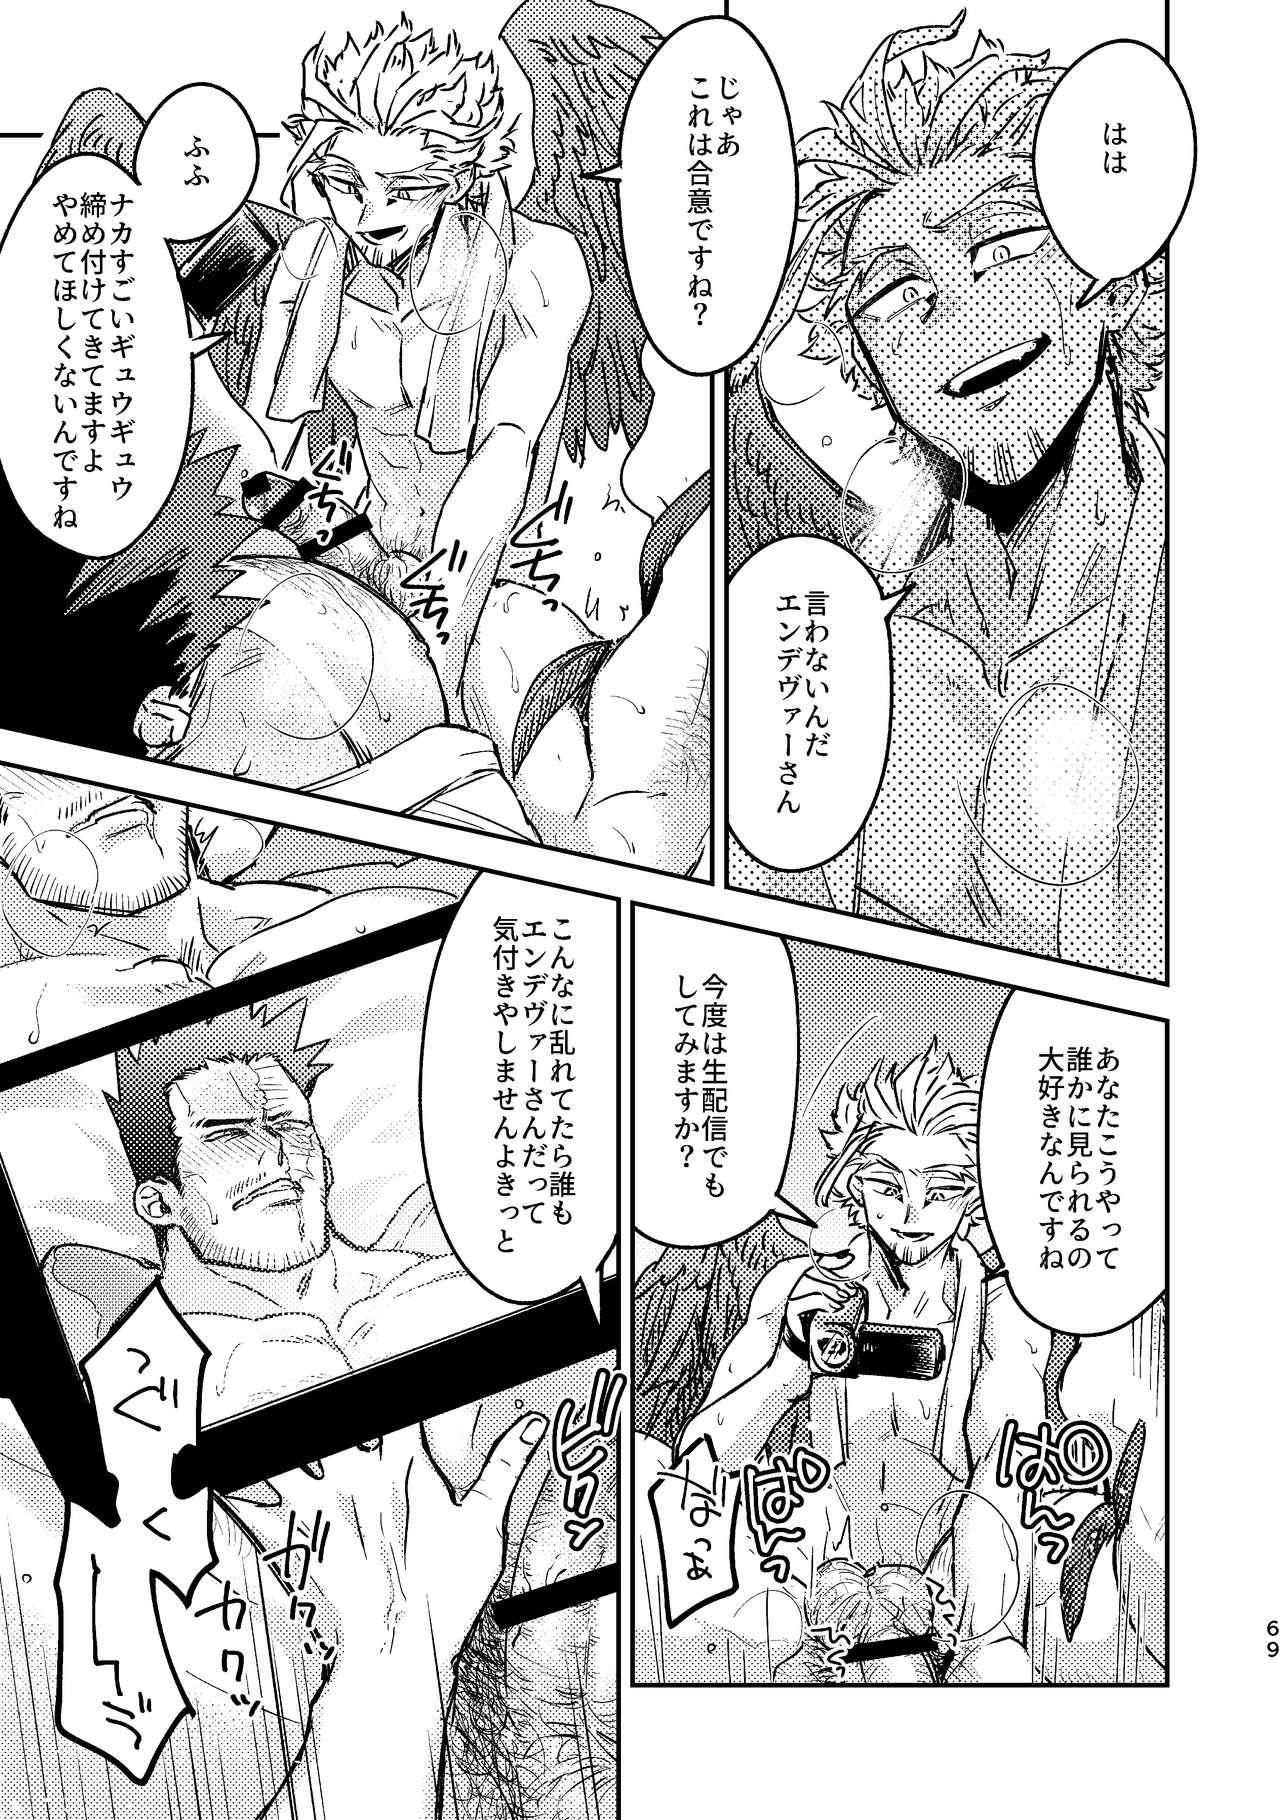 WEB Sairoku Zumi HawEn Manga ga Kami demo Yomeru Hon. 68